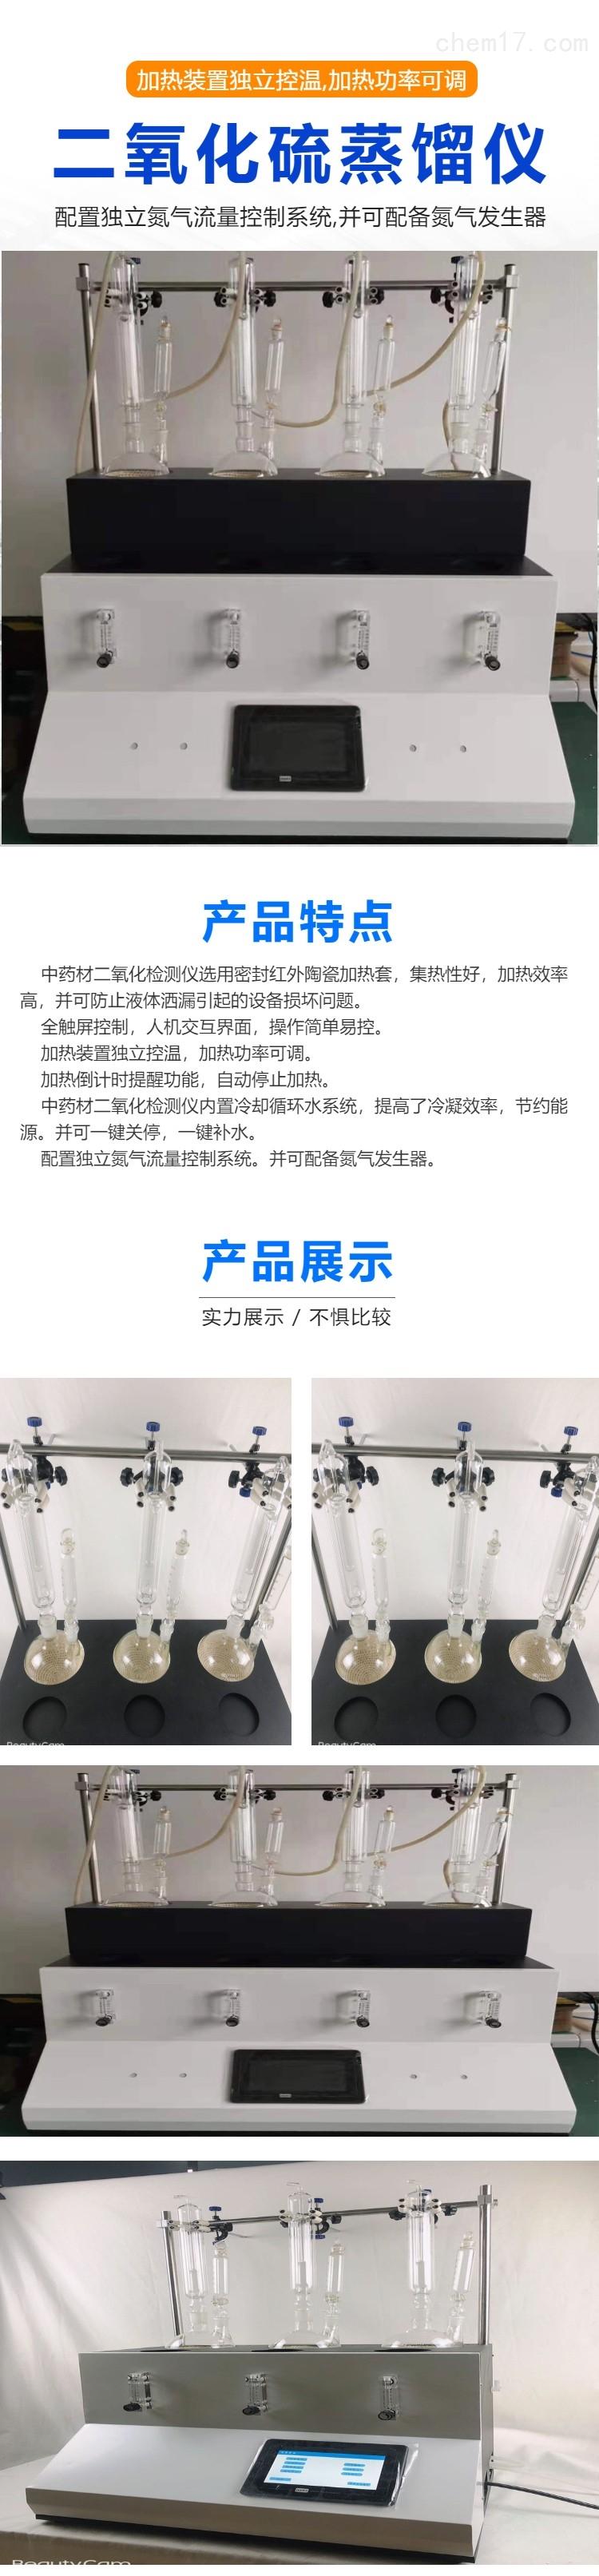 二氧化硫蒸馏仪Y.jpg